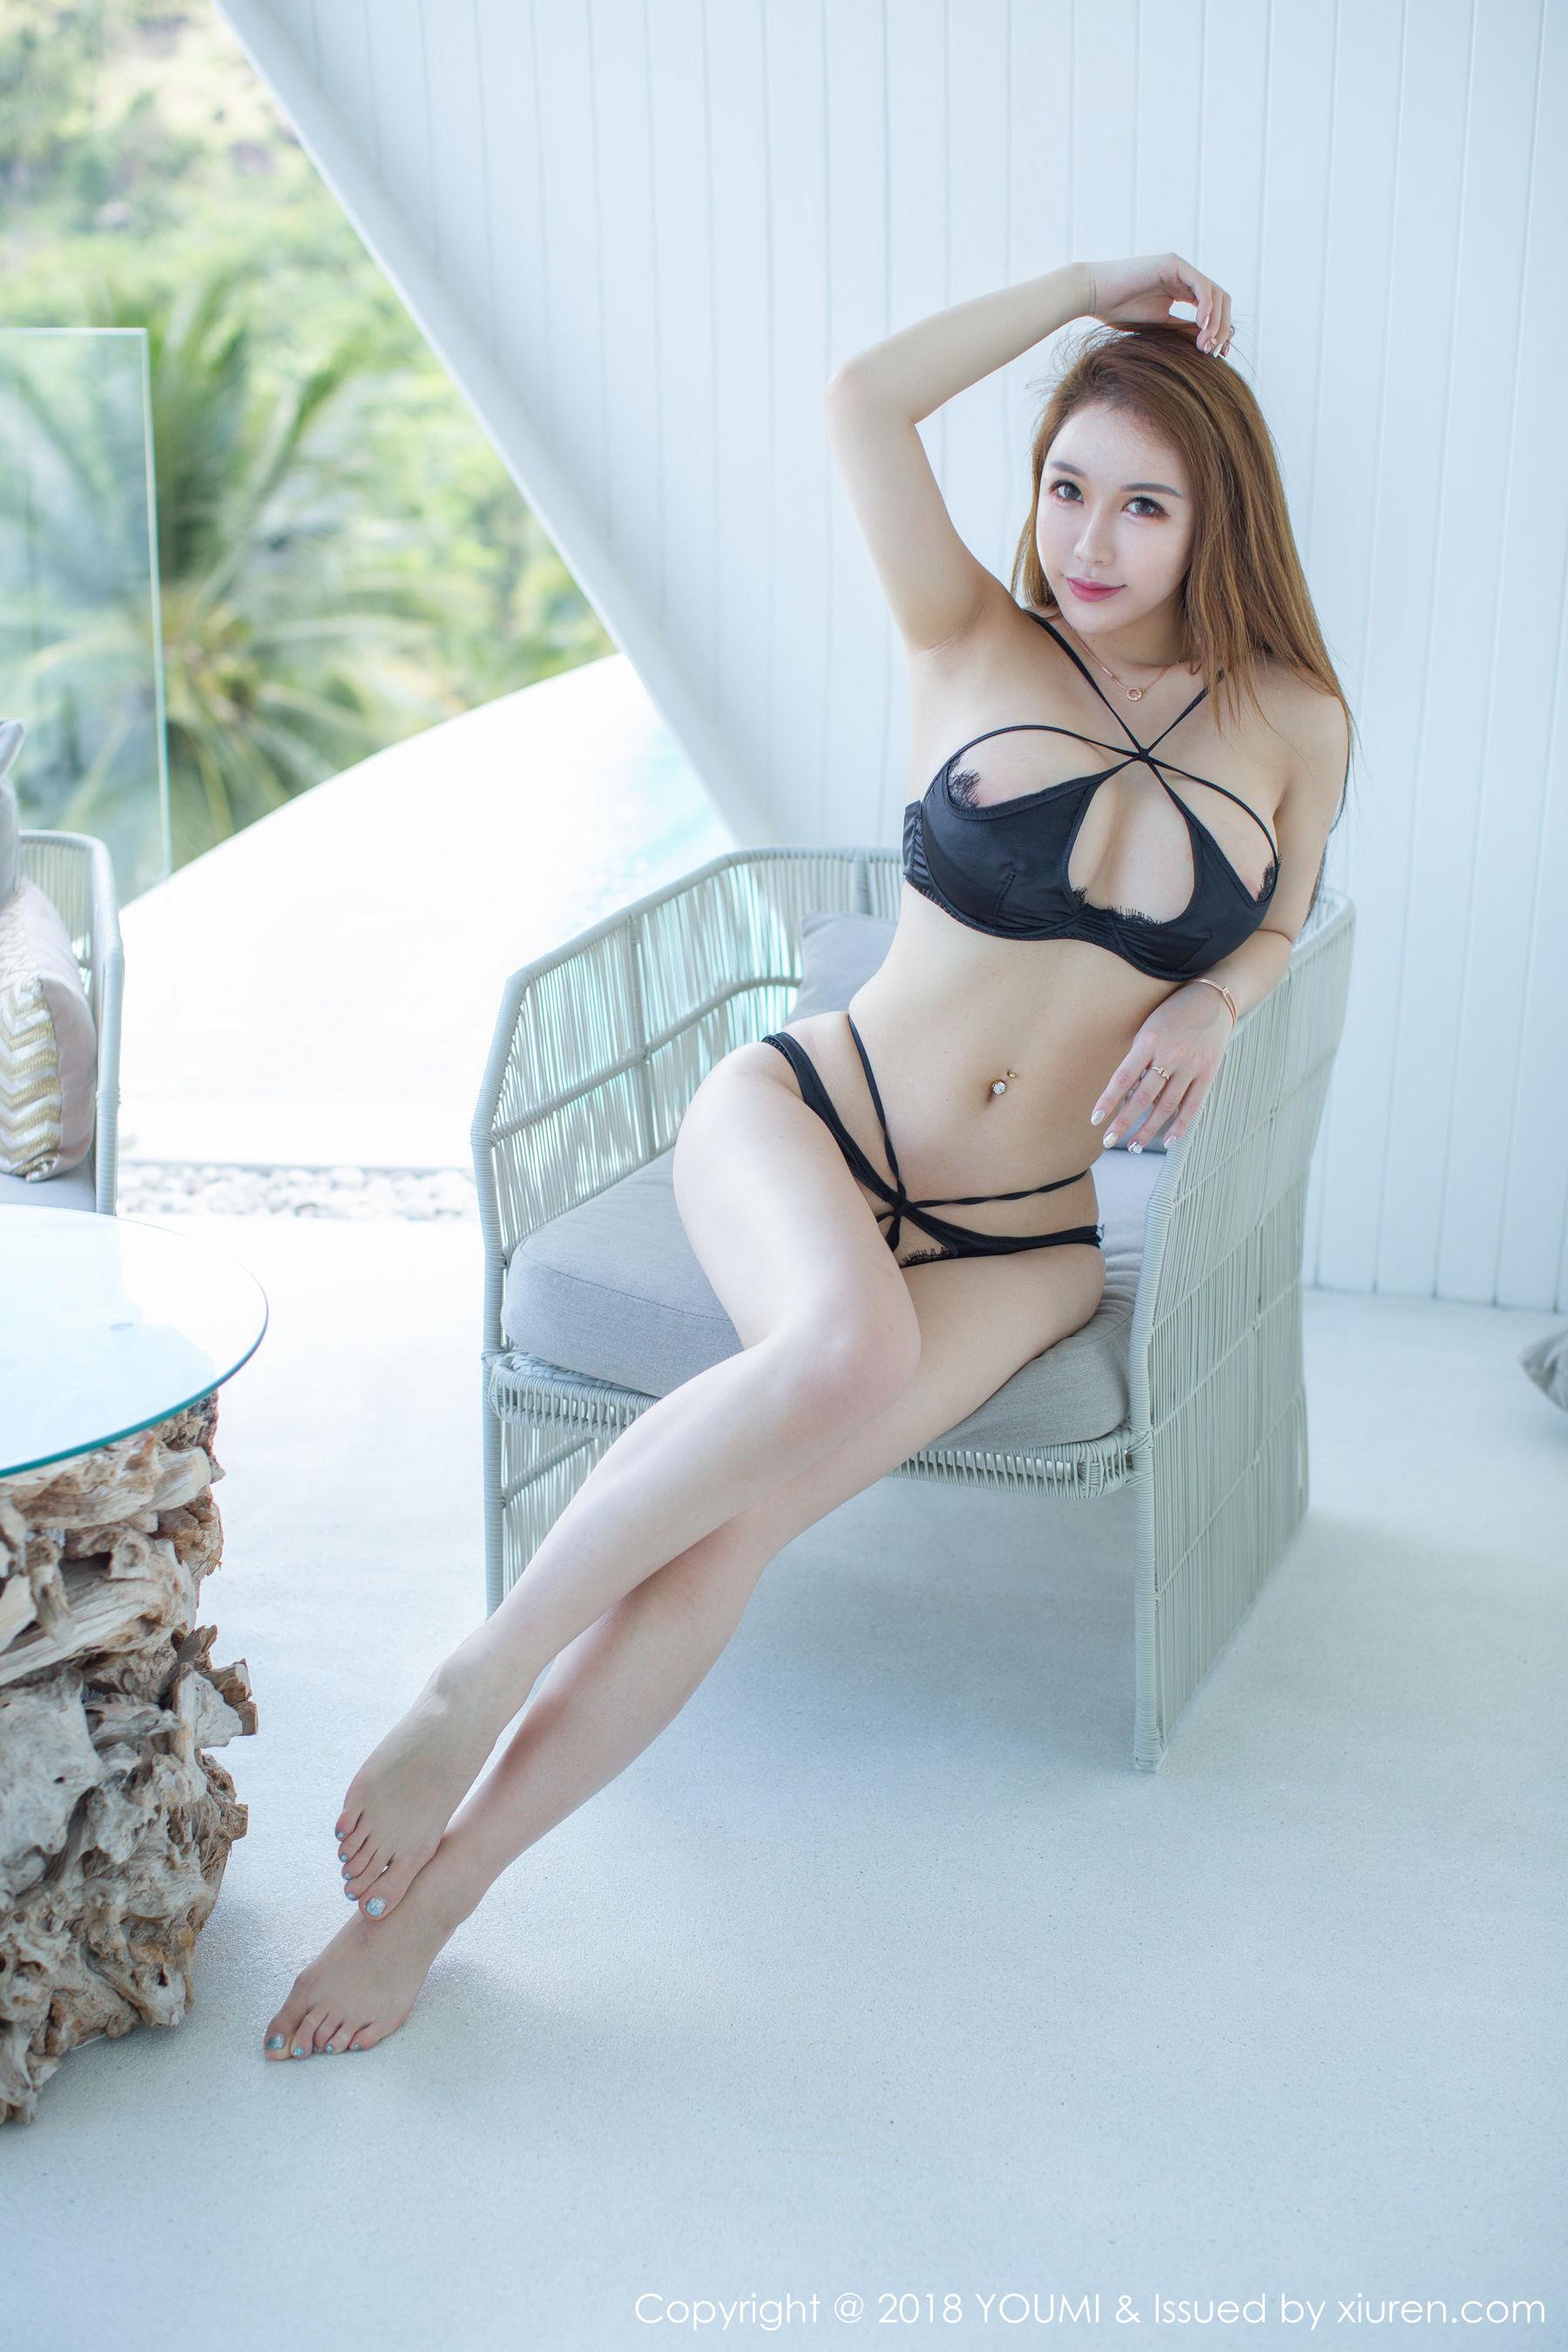 尤妮丝丰胸肥臀的蠢蠢欲动-第4张图片-哔哔娱乐网